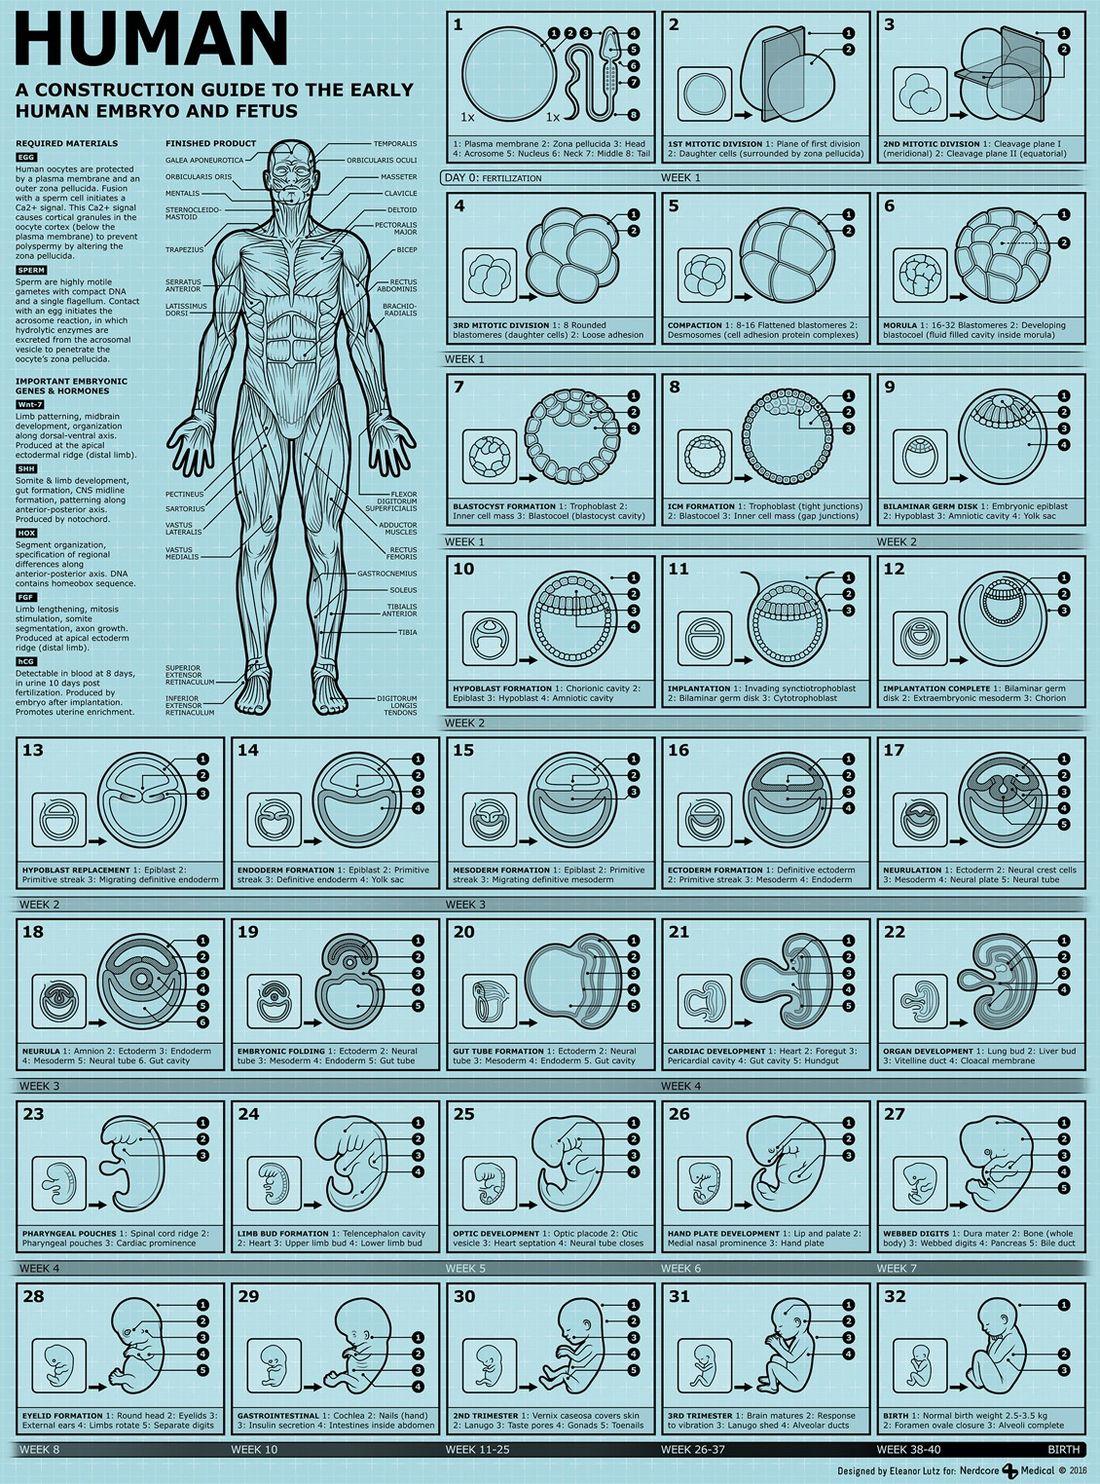 Как формируется человек от сперматозоида до рождения, инфографика